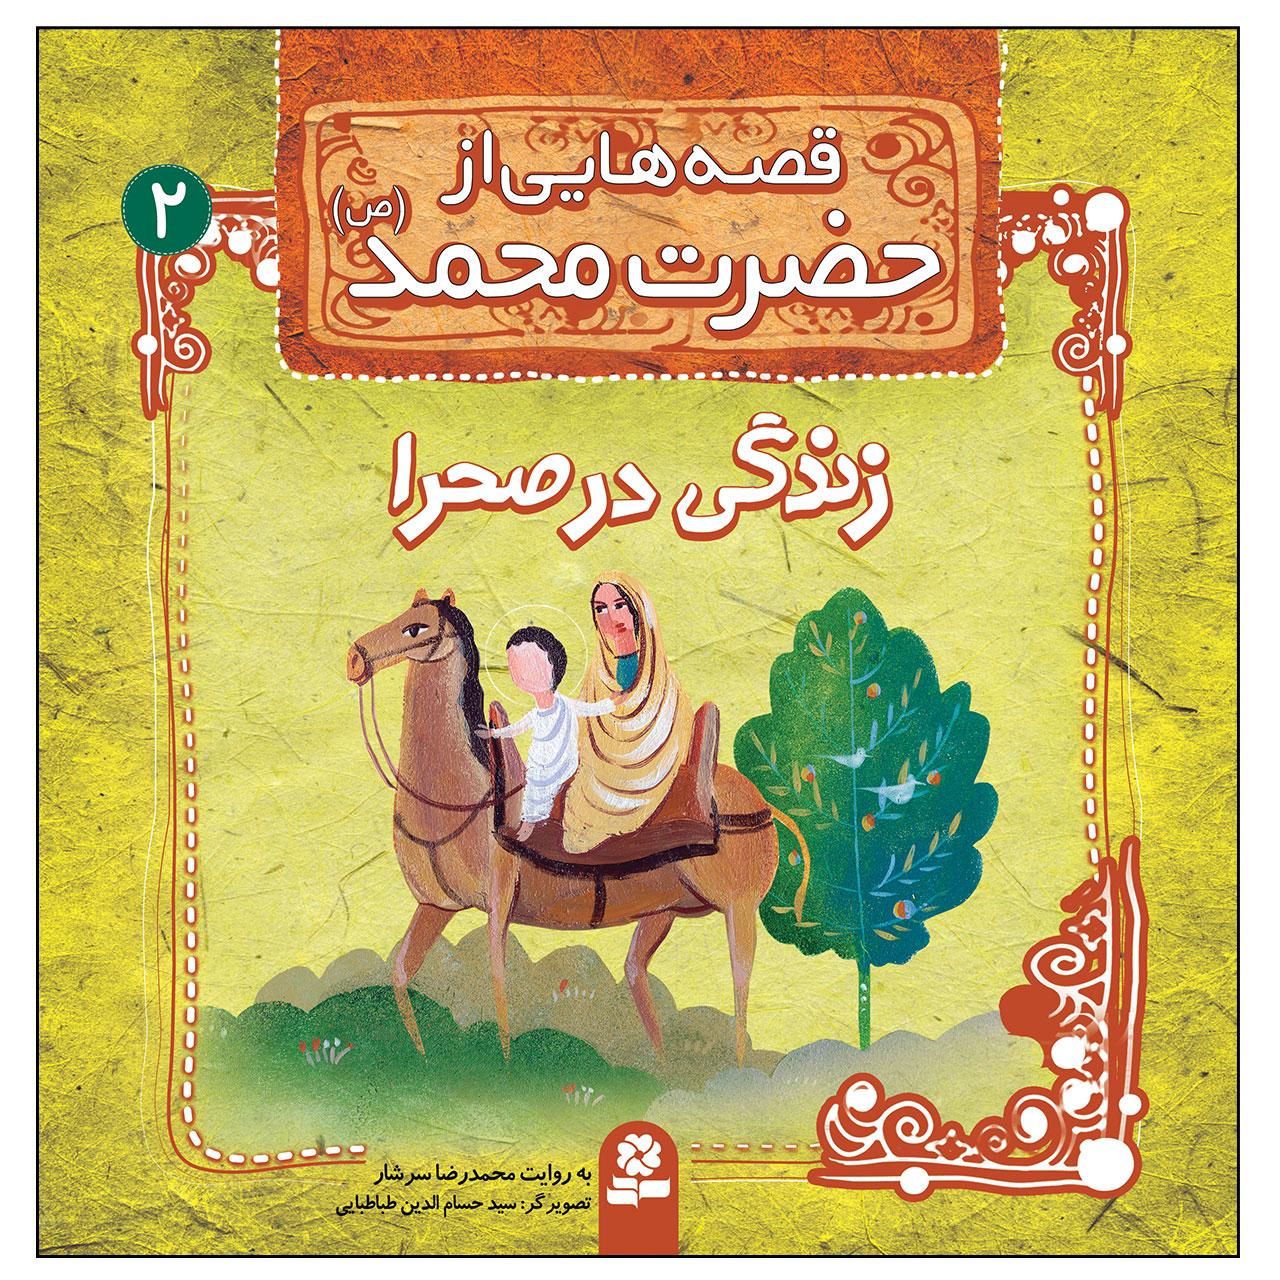 خرید                      کتاب قصه هایی از حضرت محمد(ص) 2 زندگی در صحرا اثر محمد رضا سرشار انتشارات قدیانی